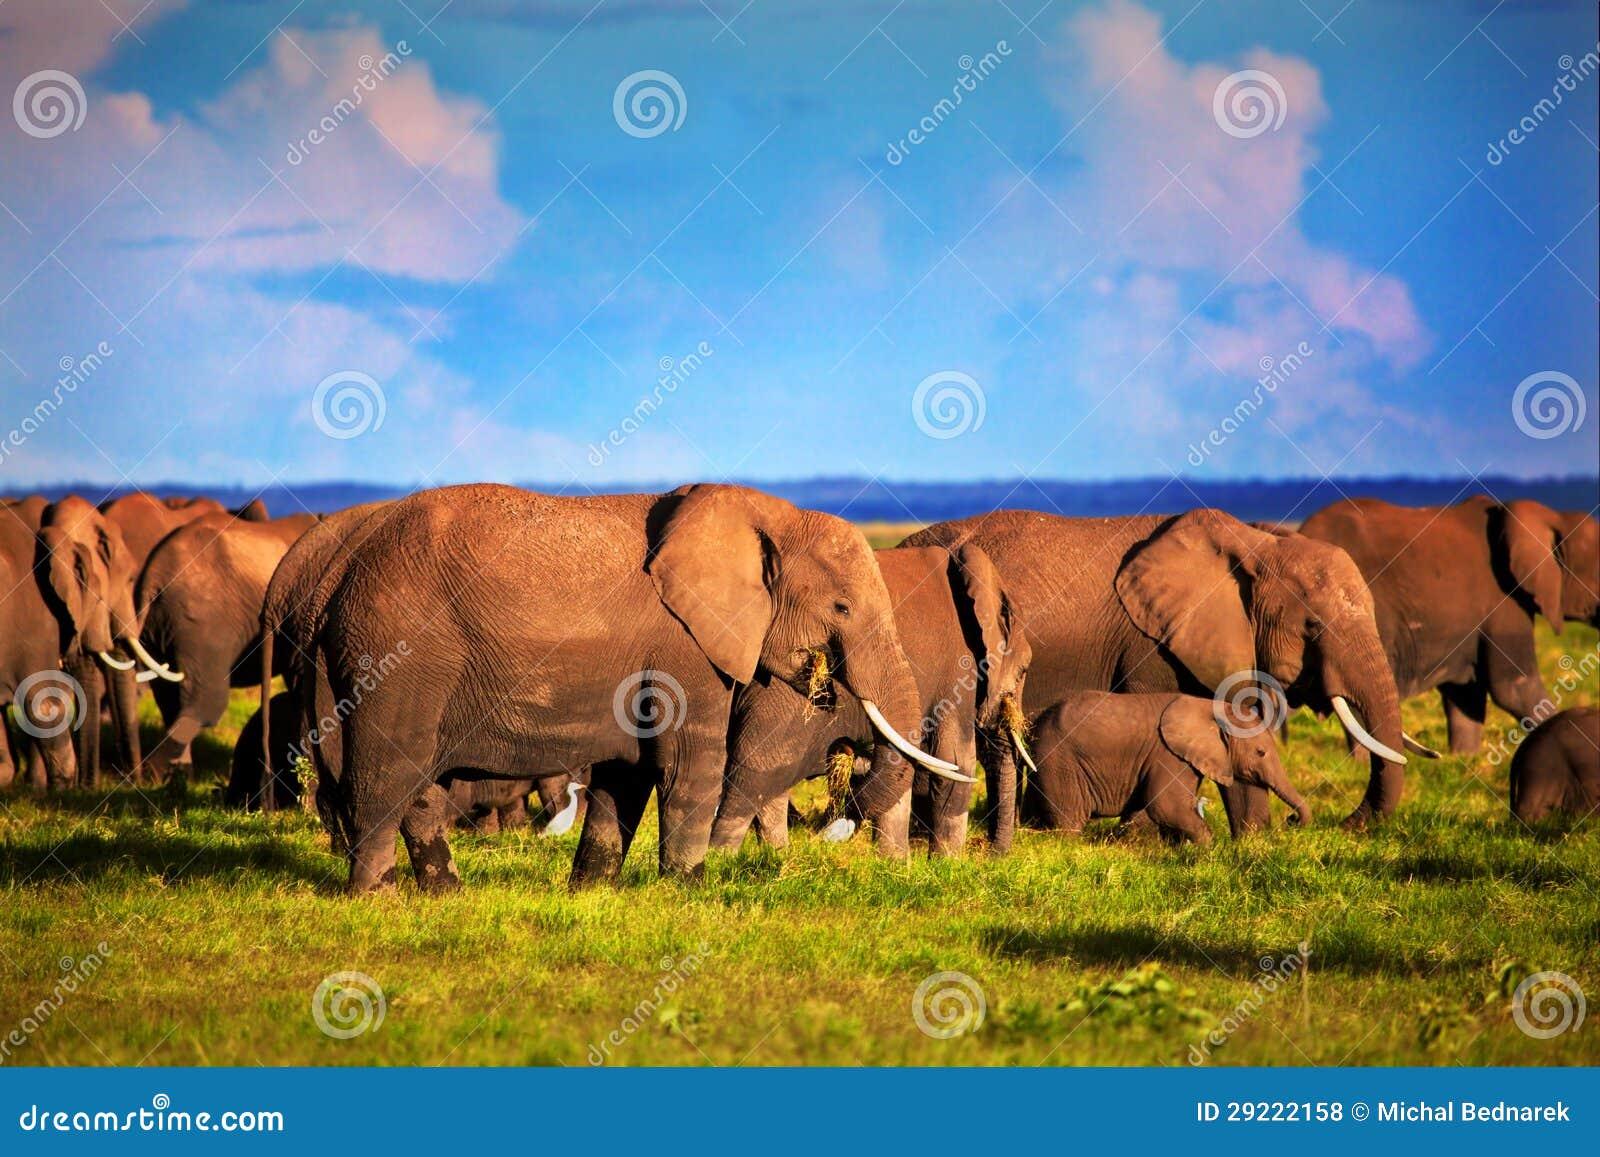 Elefantherde auf Savanne. Safari in Amboseli, Kenia, Afrika